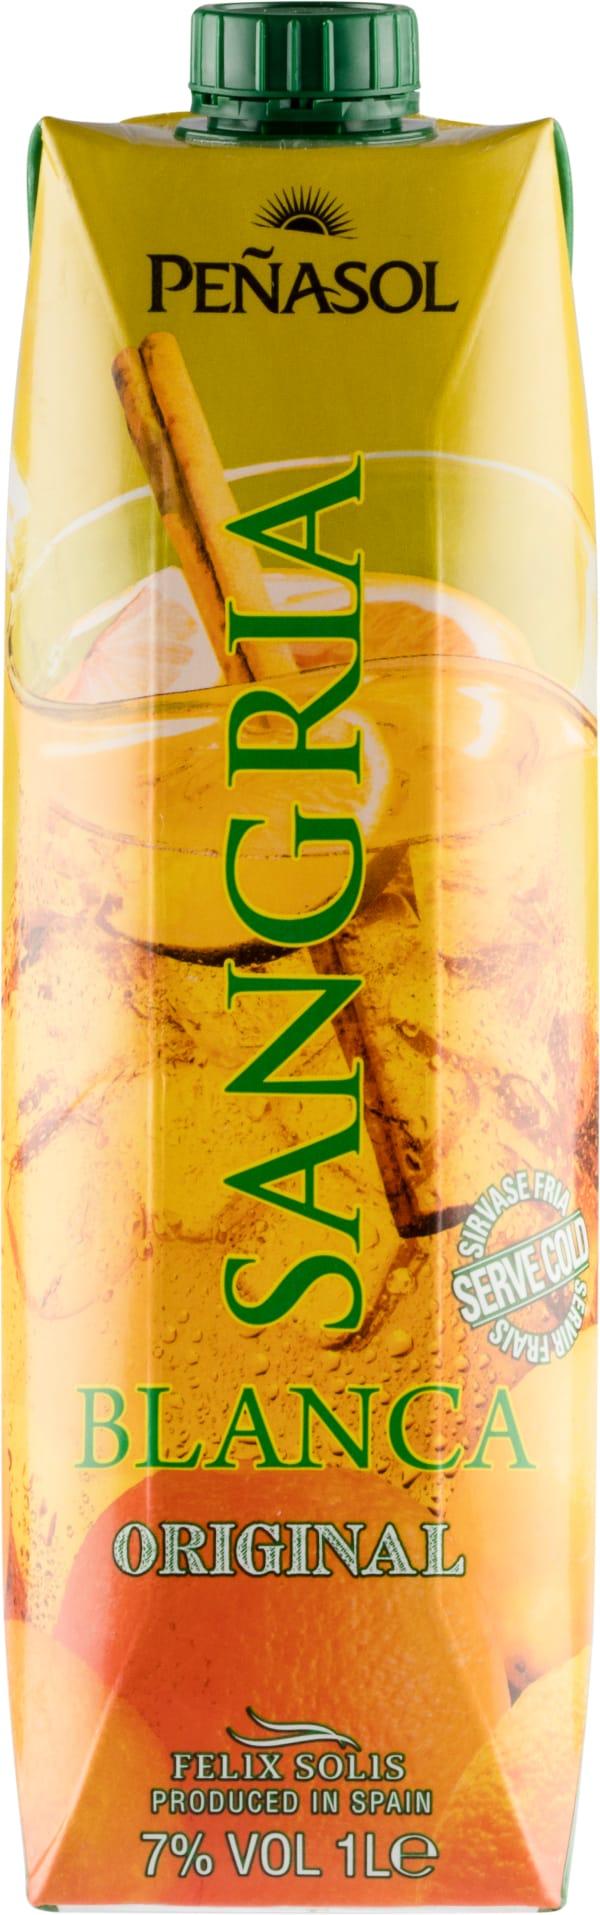 Peñasol Sangria White carton package